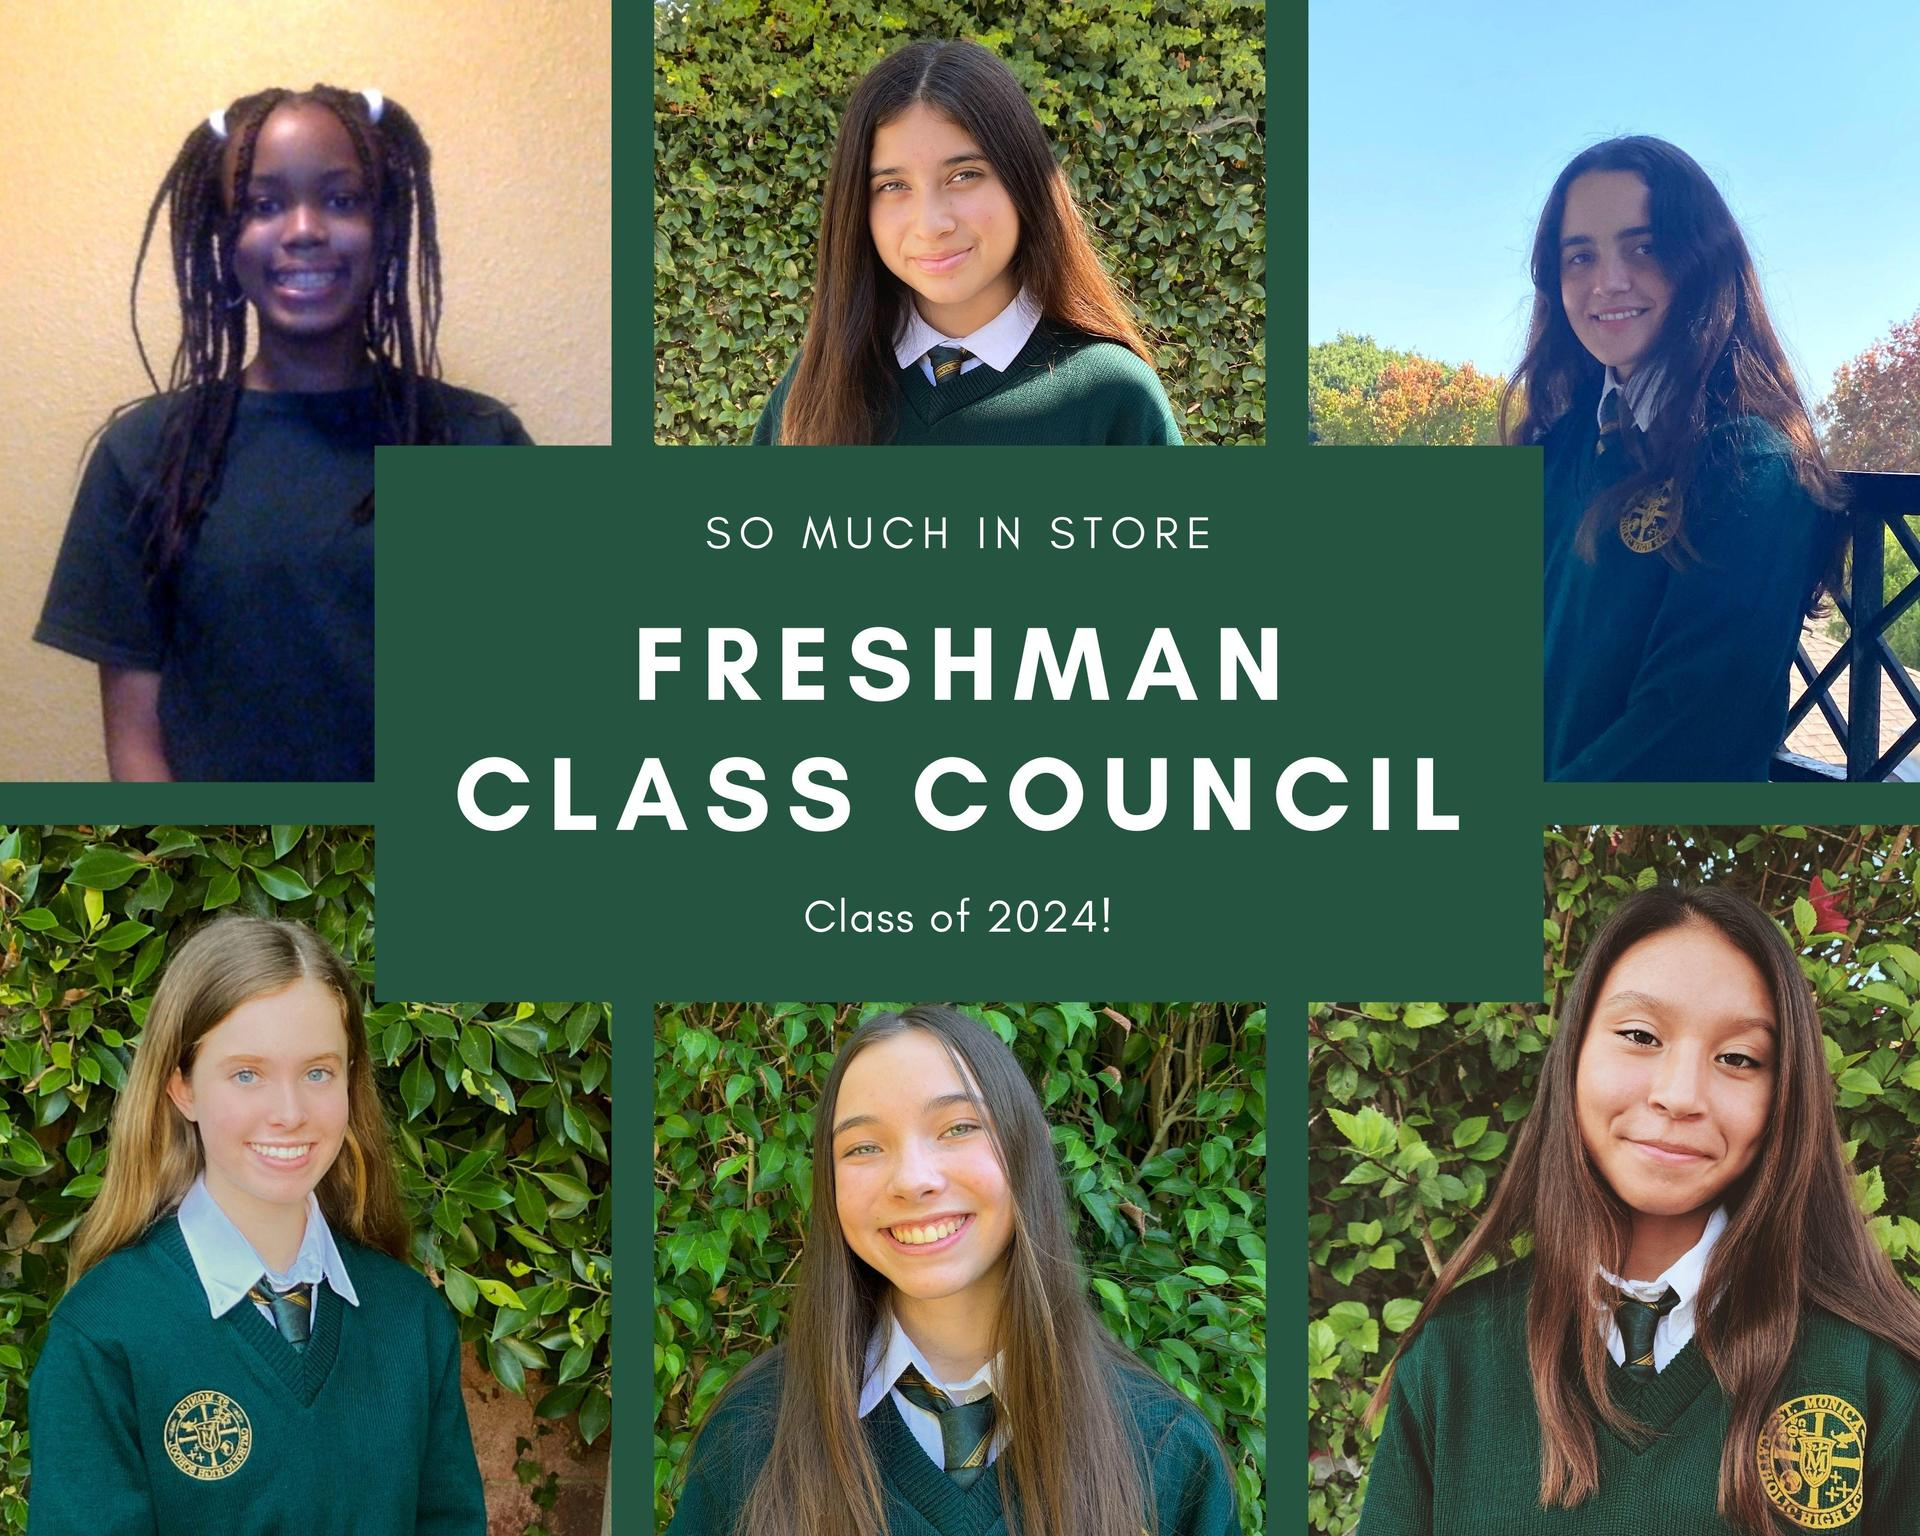 Freshman Class ('24) Council